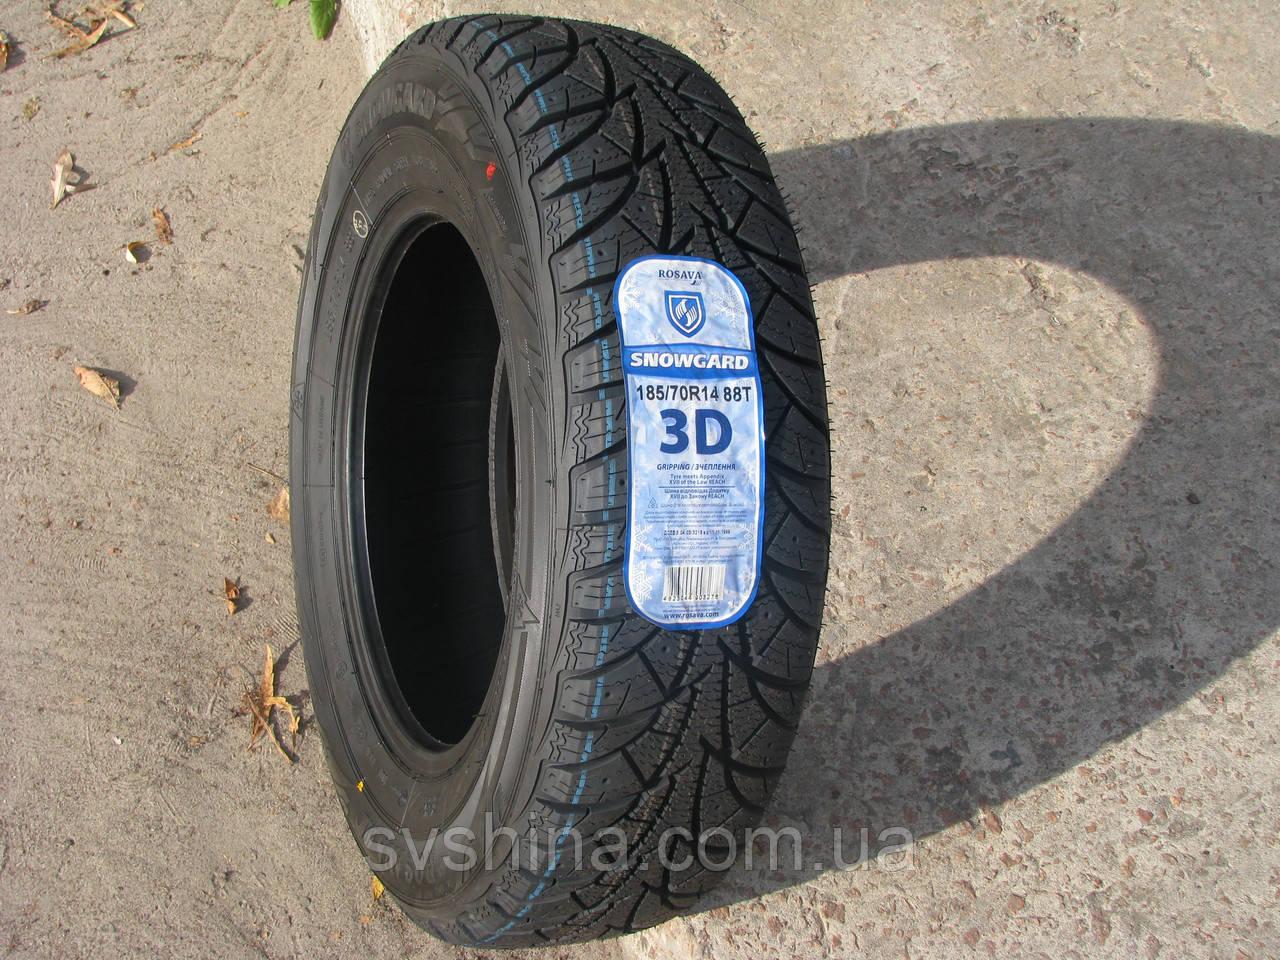 Зимние шины 185/70R14 Росава SnowGard, 88Т под шип